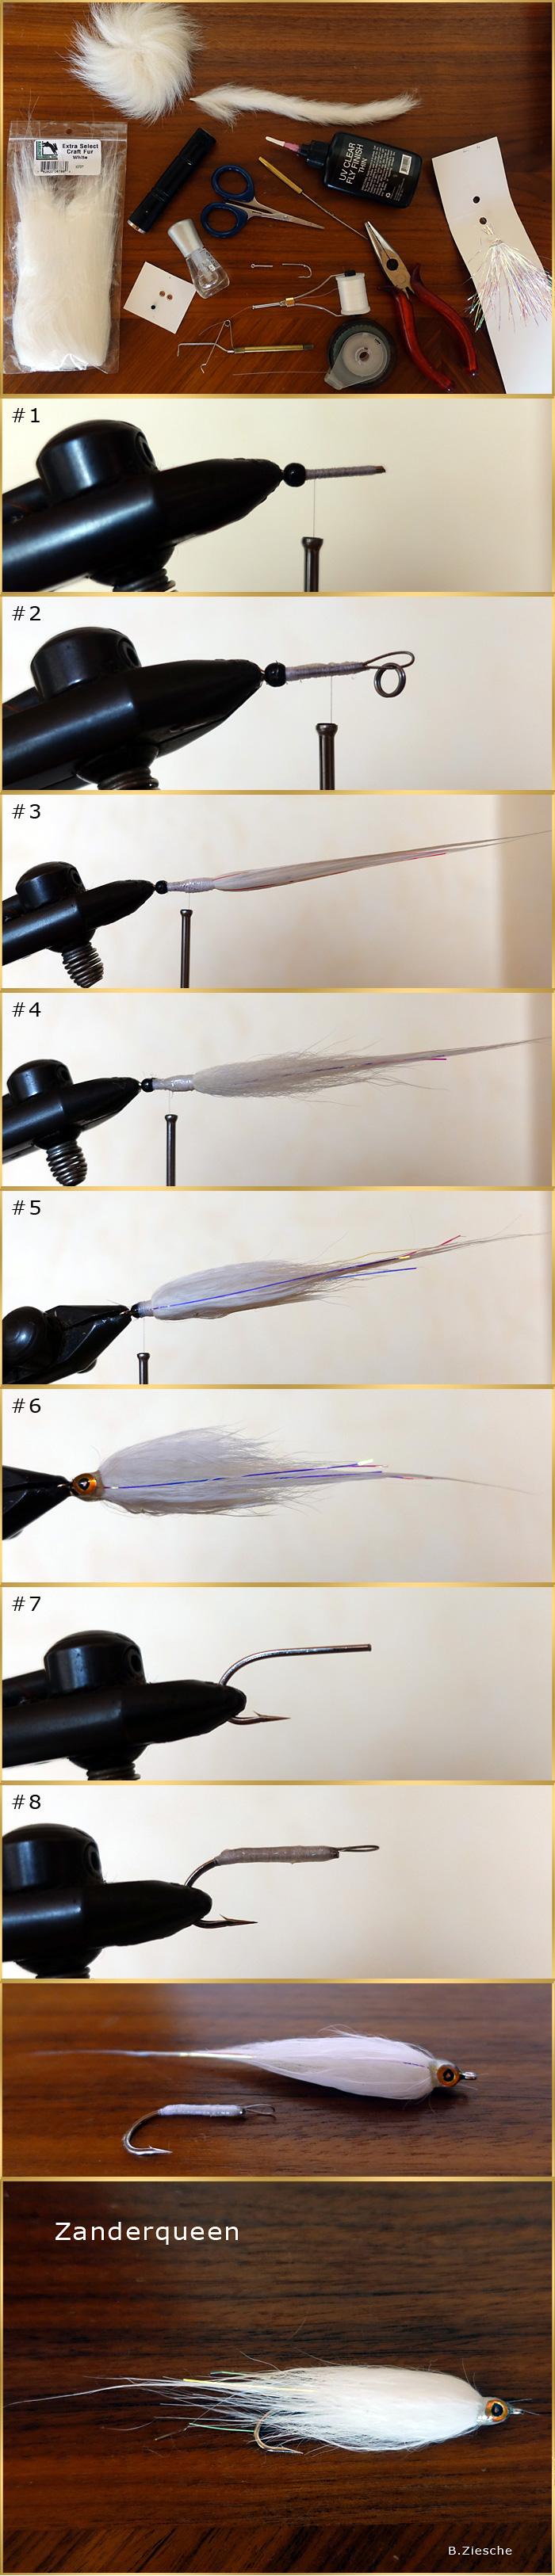 flies pike perch